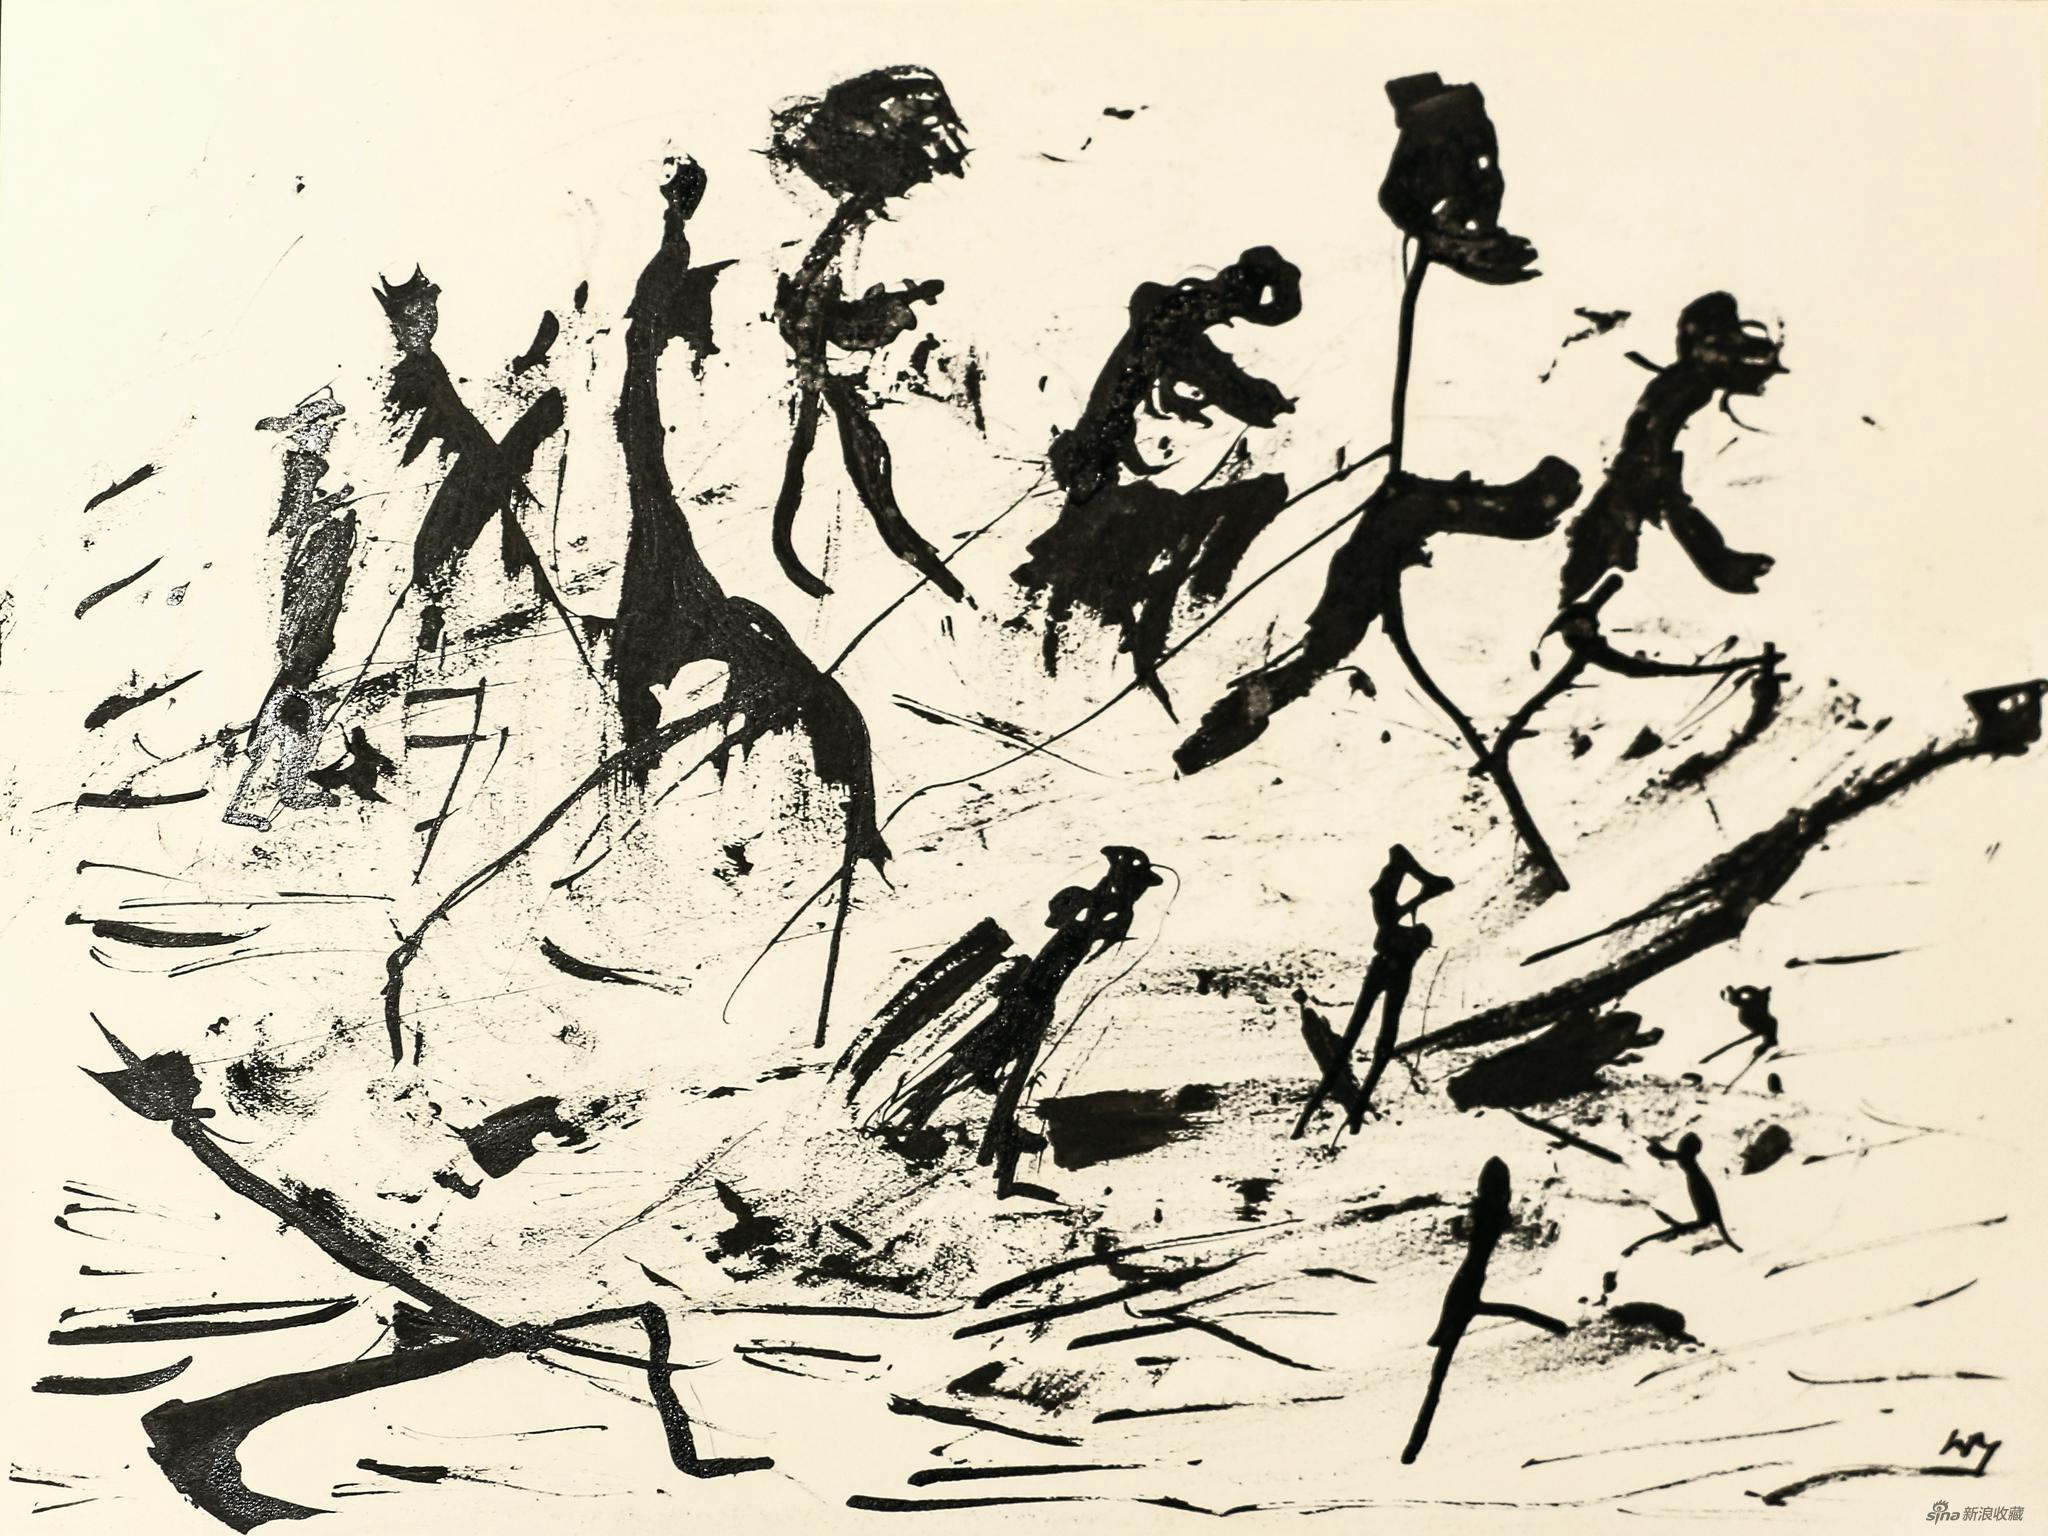 """亨利·米修 Henri Michaux 《无题》 Untitled(""""People on paysage""""serie) 纸本水墨 Ink on paper,24 × 32 cm,1950 - 52 ©艺术家和德玉堂画廊"""